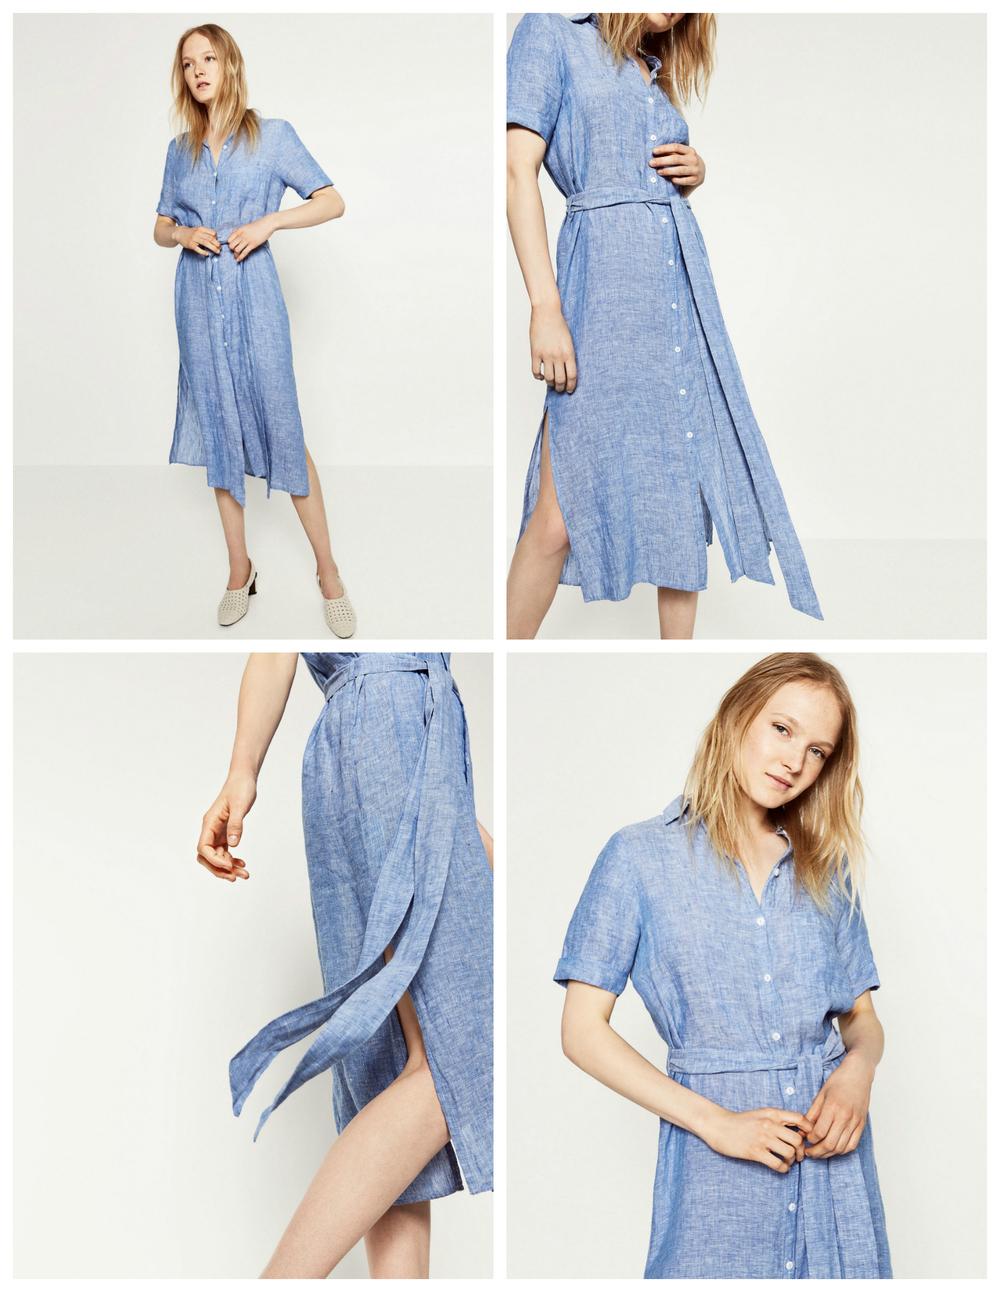 Zara Linen Shirt Dress, $70 at    Zara.com .